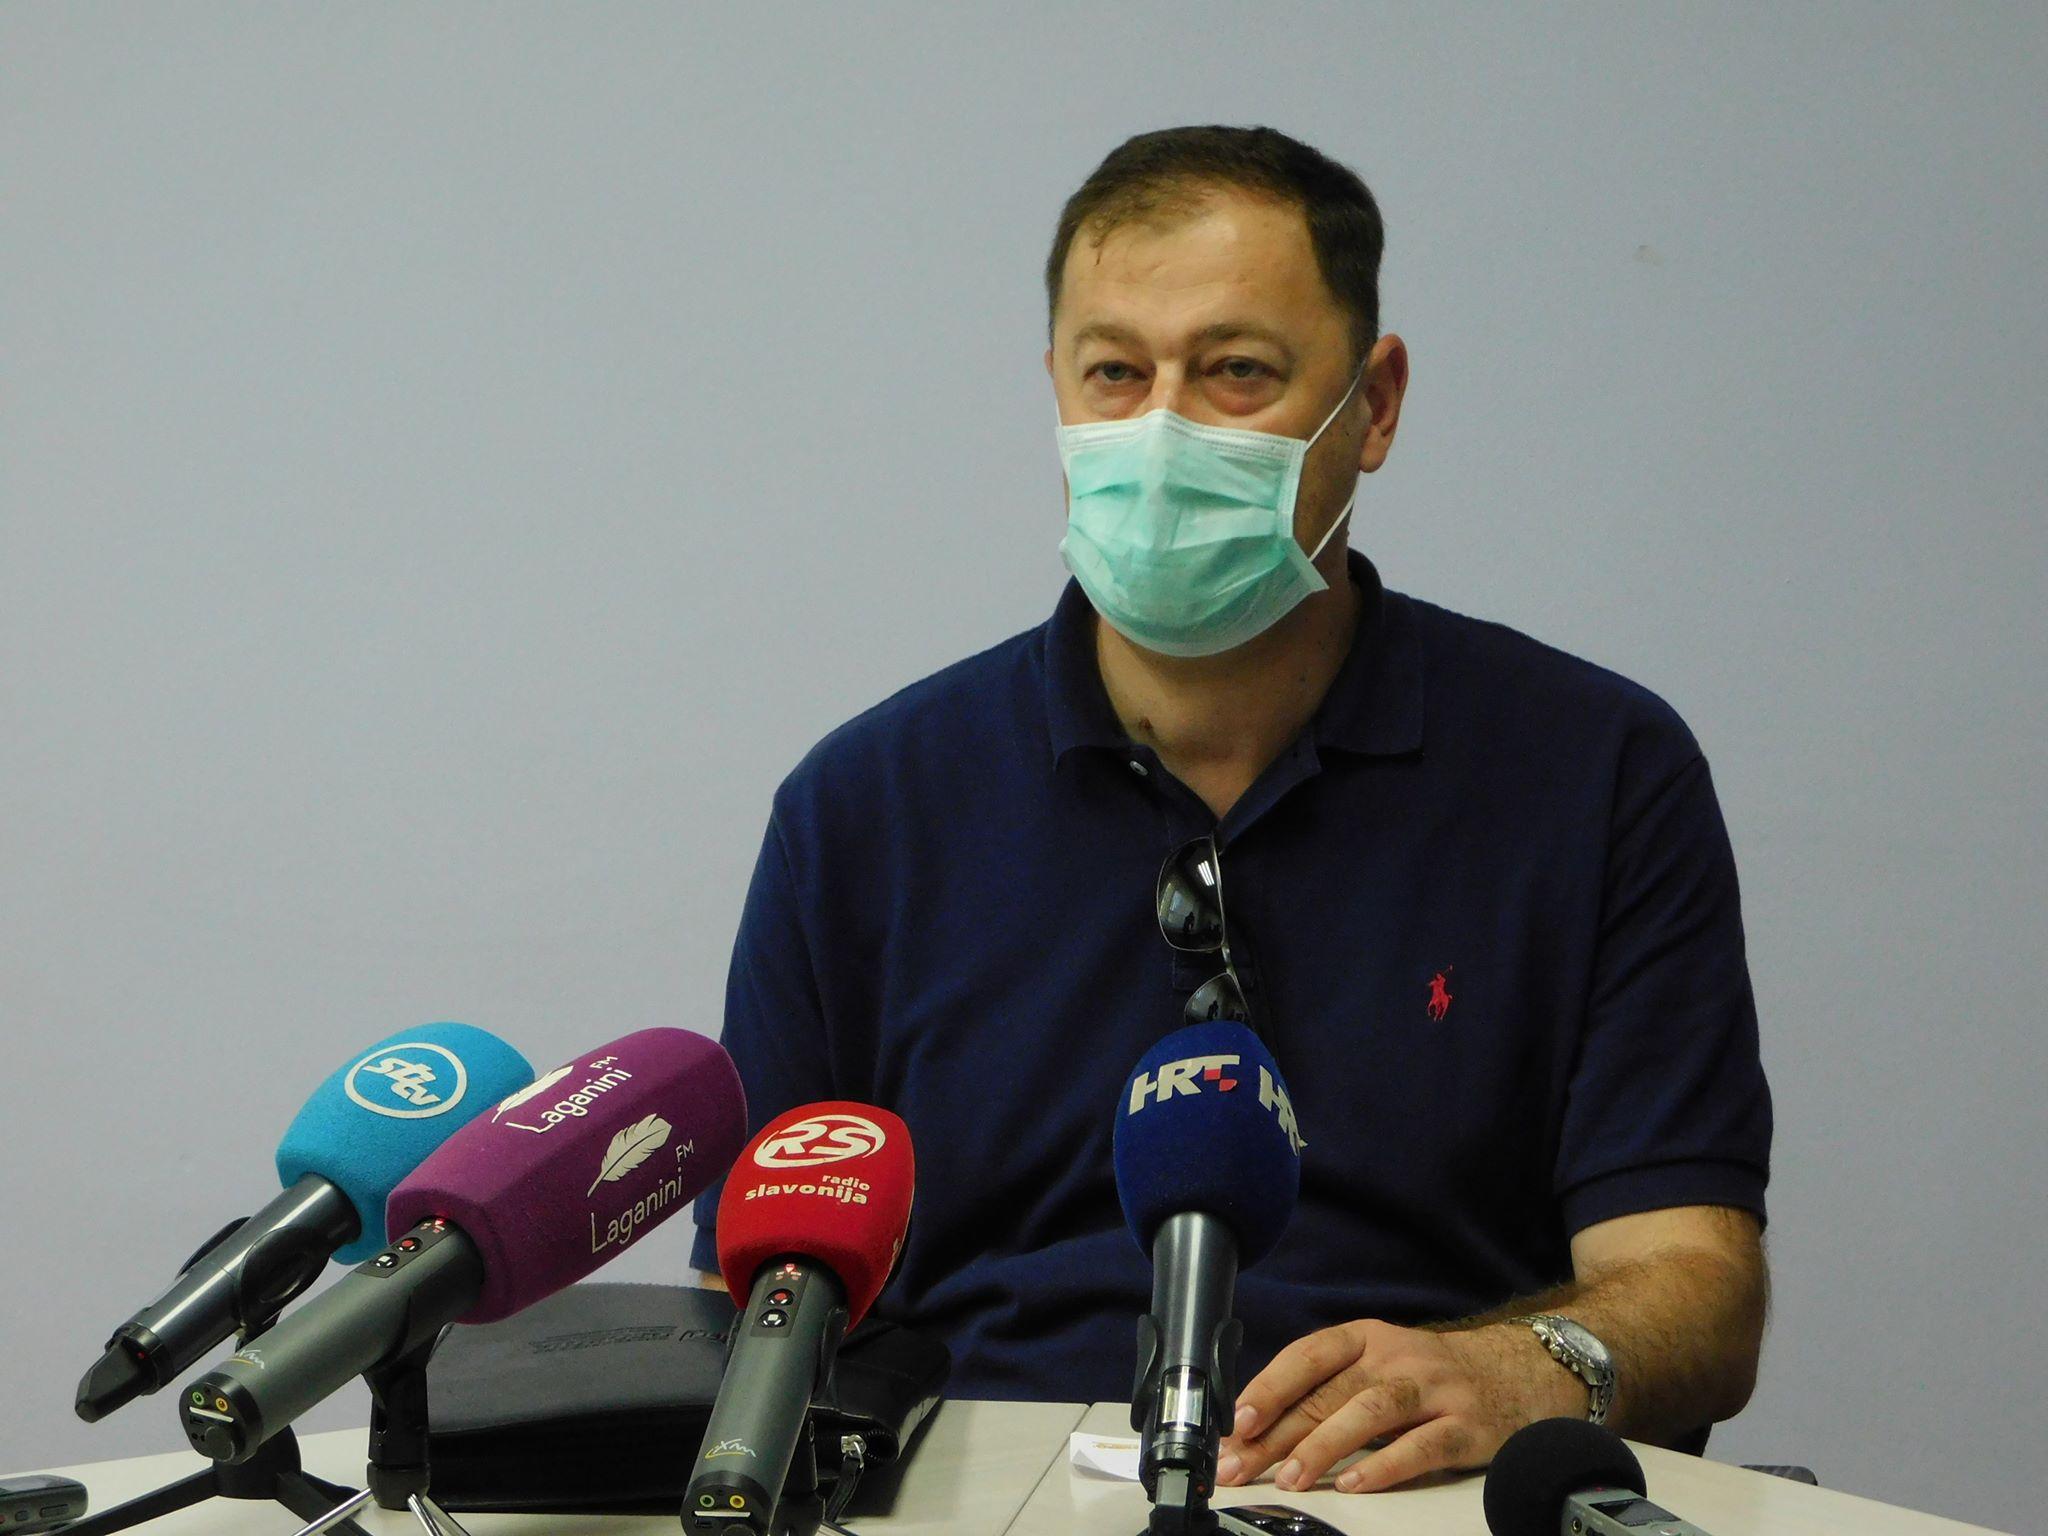 """U našoj županiji imamo 5 aktivnih slučajeva zaraze, dr. Cvitković upozorava: """"Bez suradnje s građanima situacija neće biti dobra"""""""